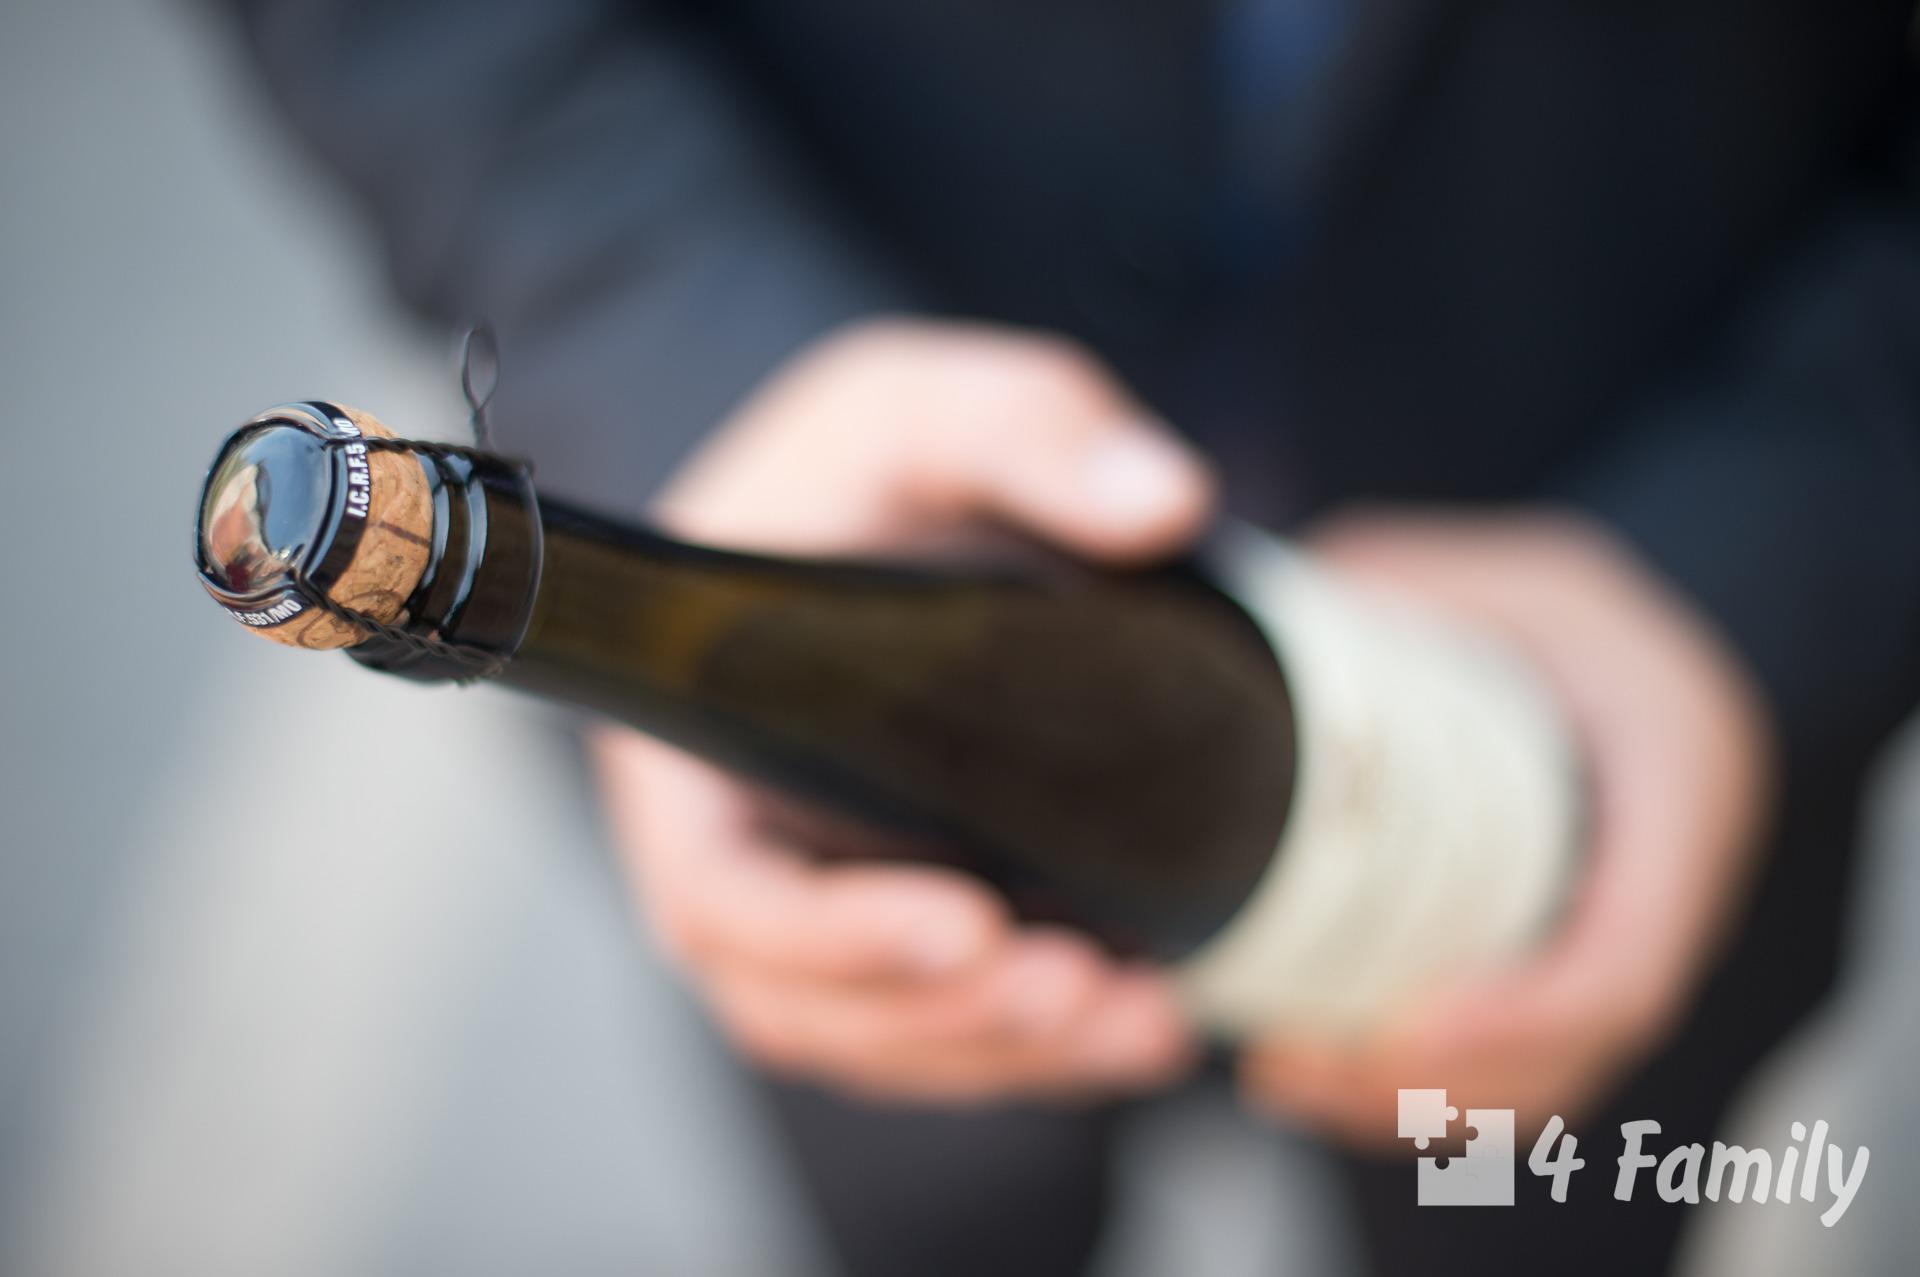 4family Как открыть бутылку шампанского